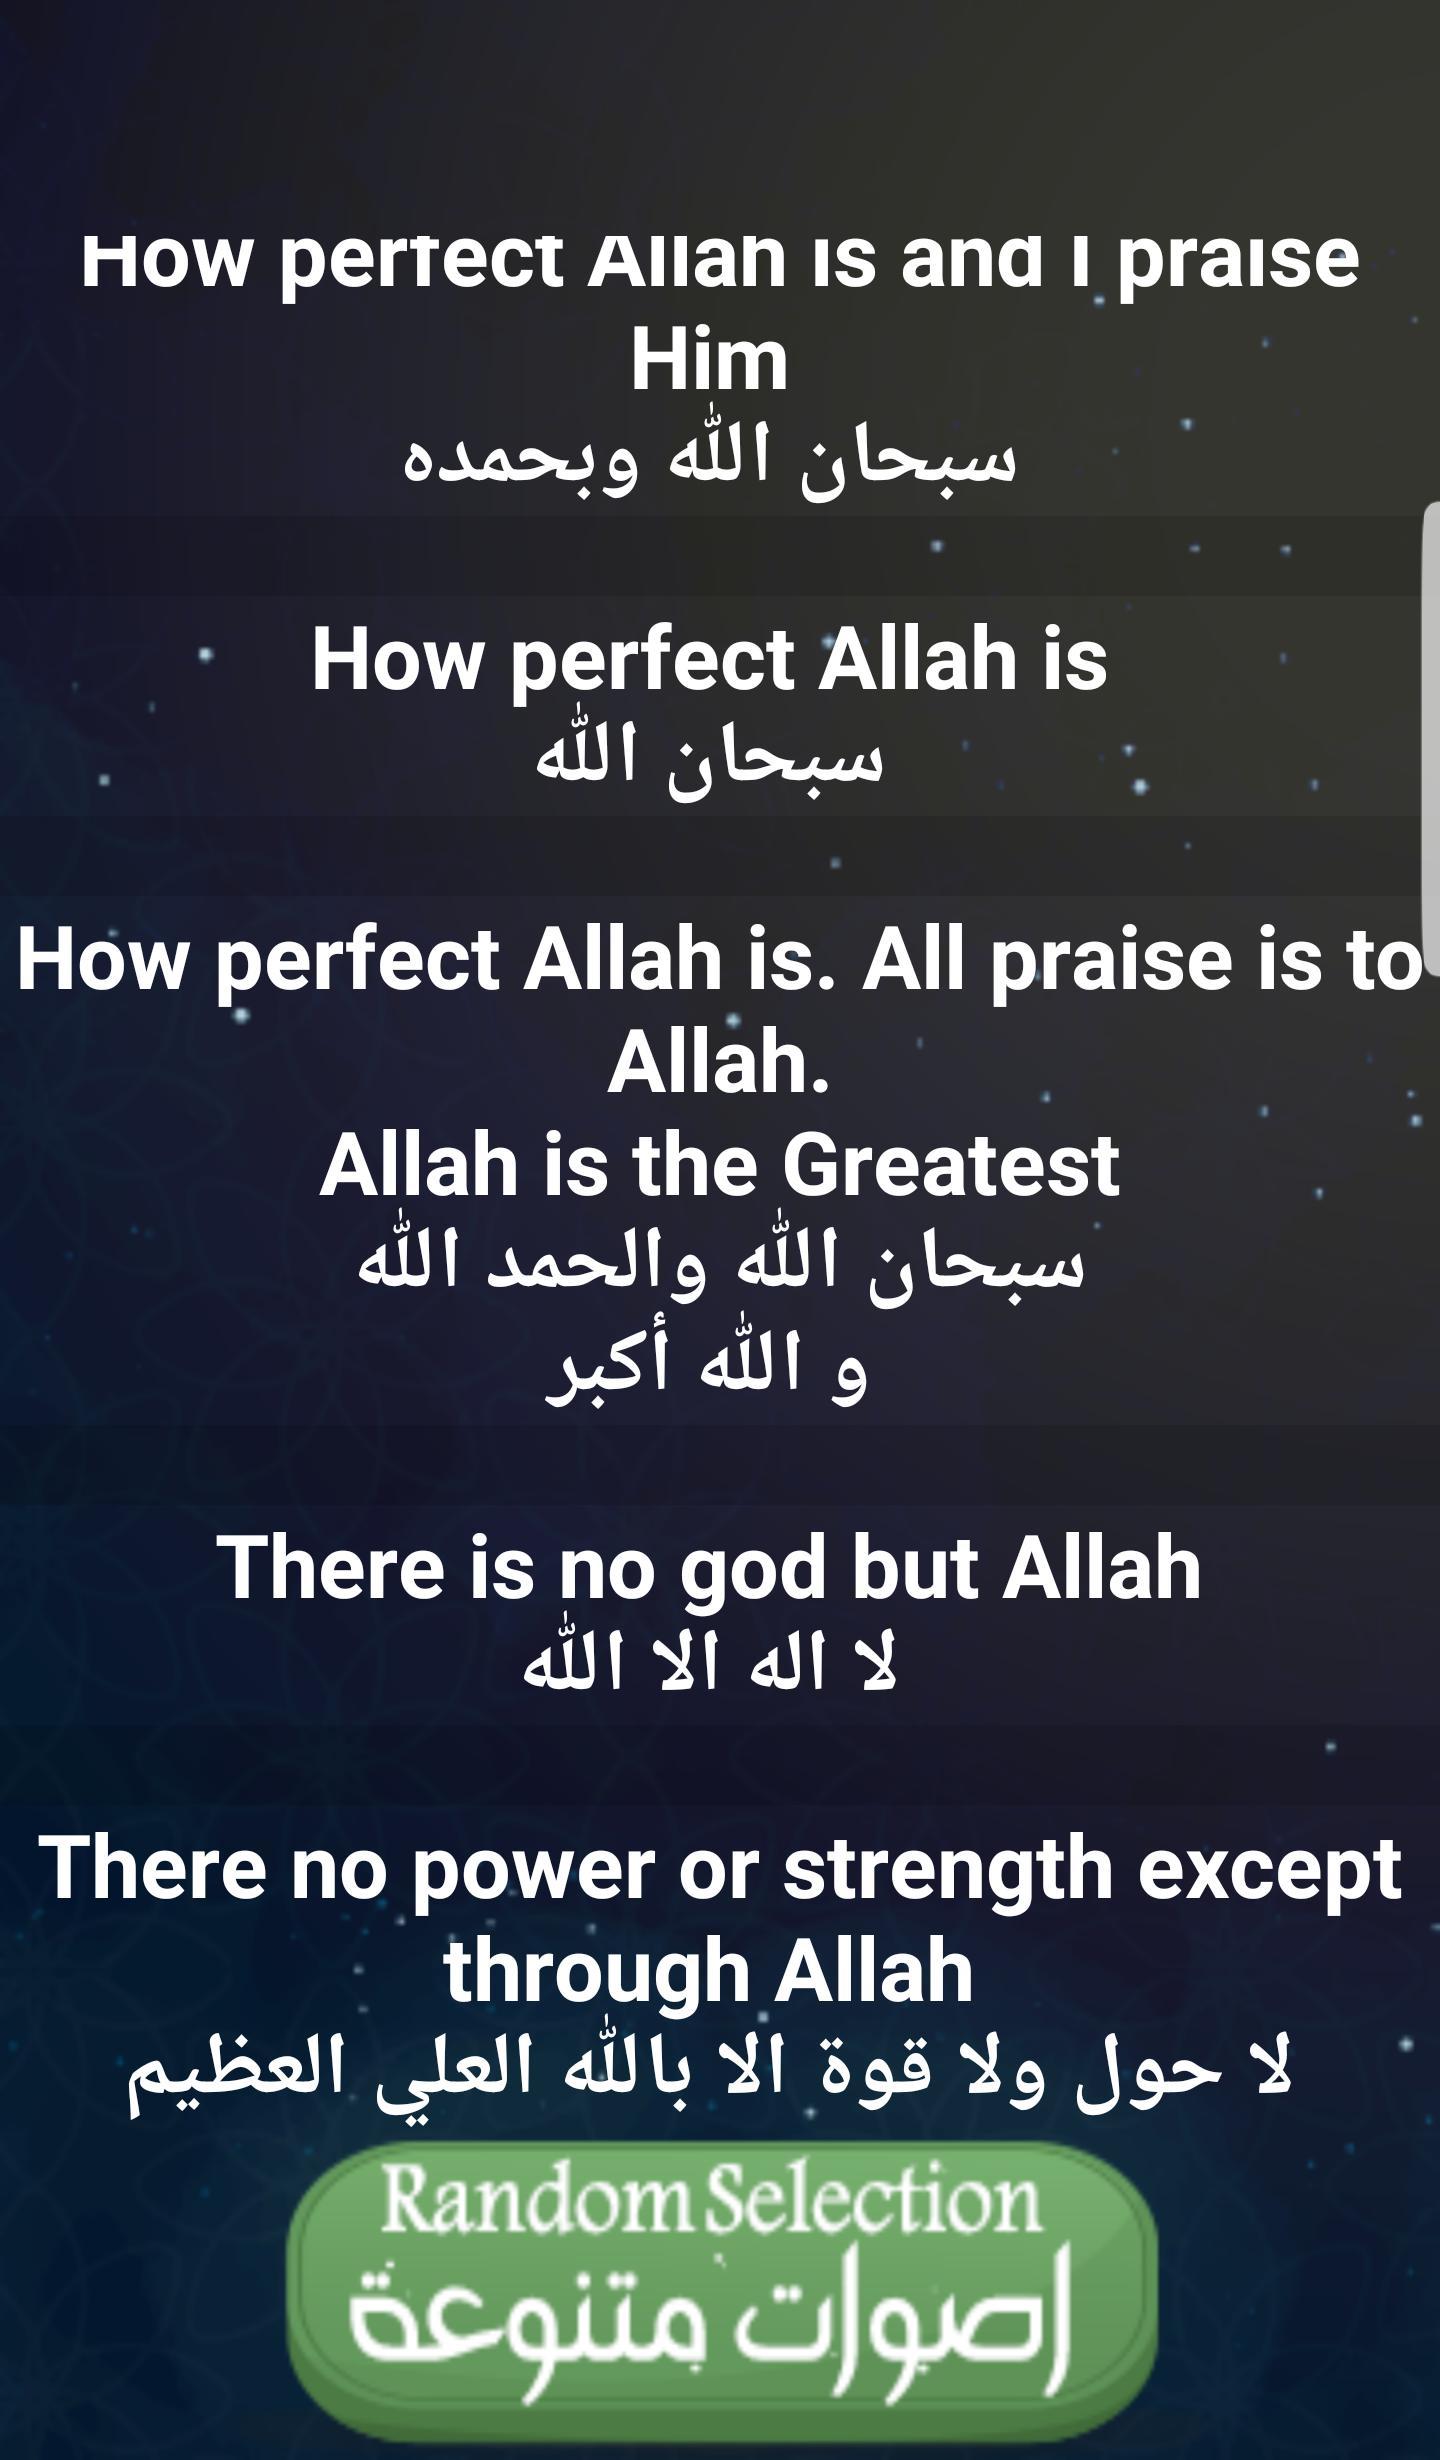 تطبيق أسماء الله الحسنى